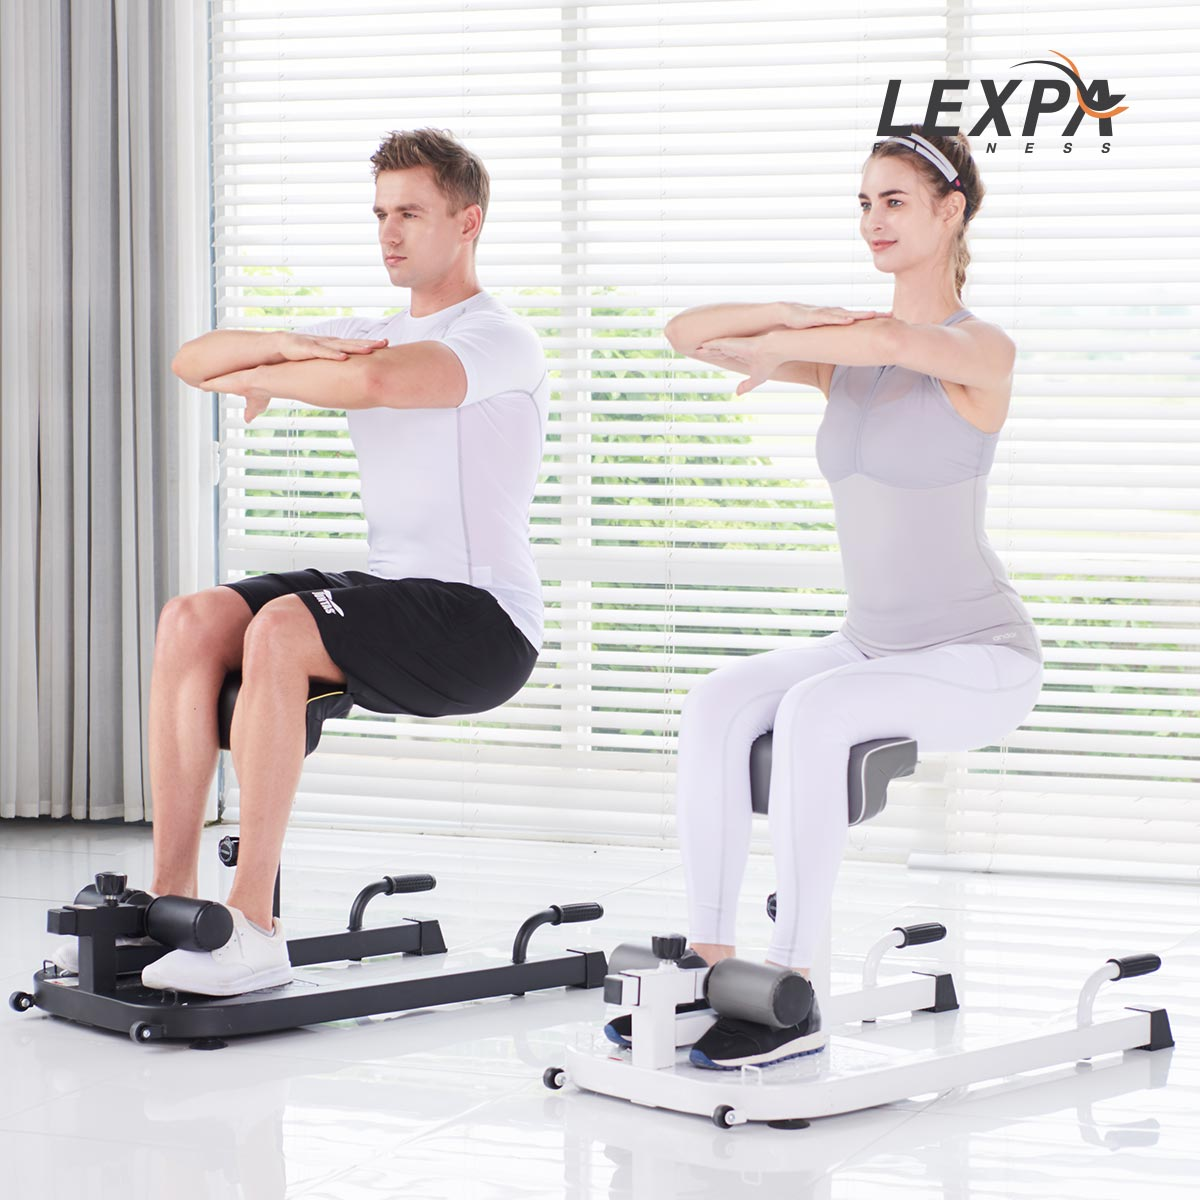 렉스파 알파스쿼트머신 YA-6400 웨이트기구 힙업운동 하체운동기구 전신운동기구 유산소운동기구, 화이트